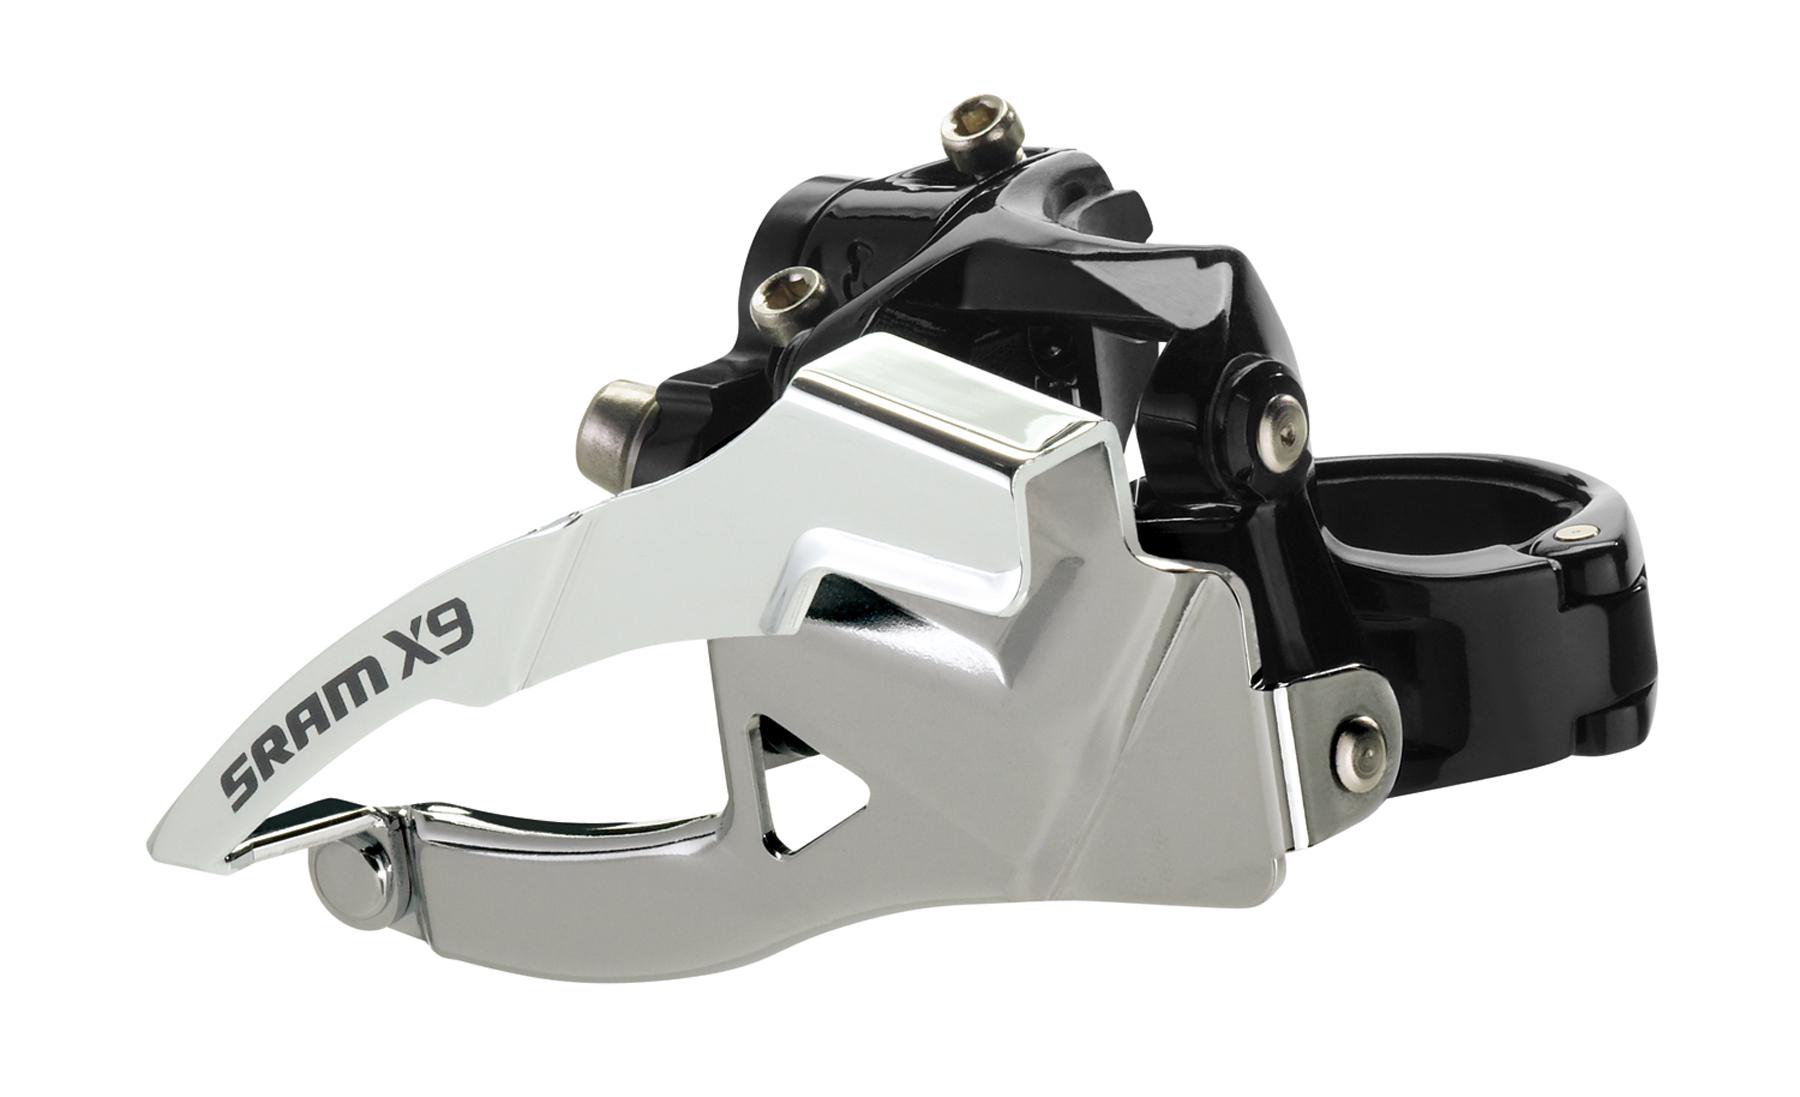 SRAM Front derailleur X9 High clamp Ø31,8 mm 2x10 speed Top pullBlack | Front derailleur